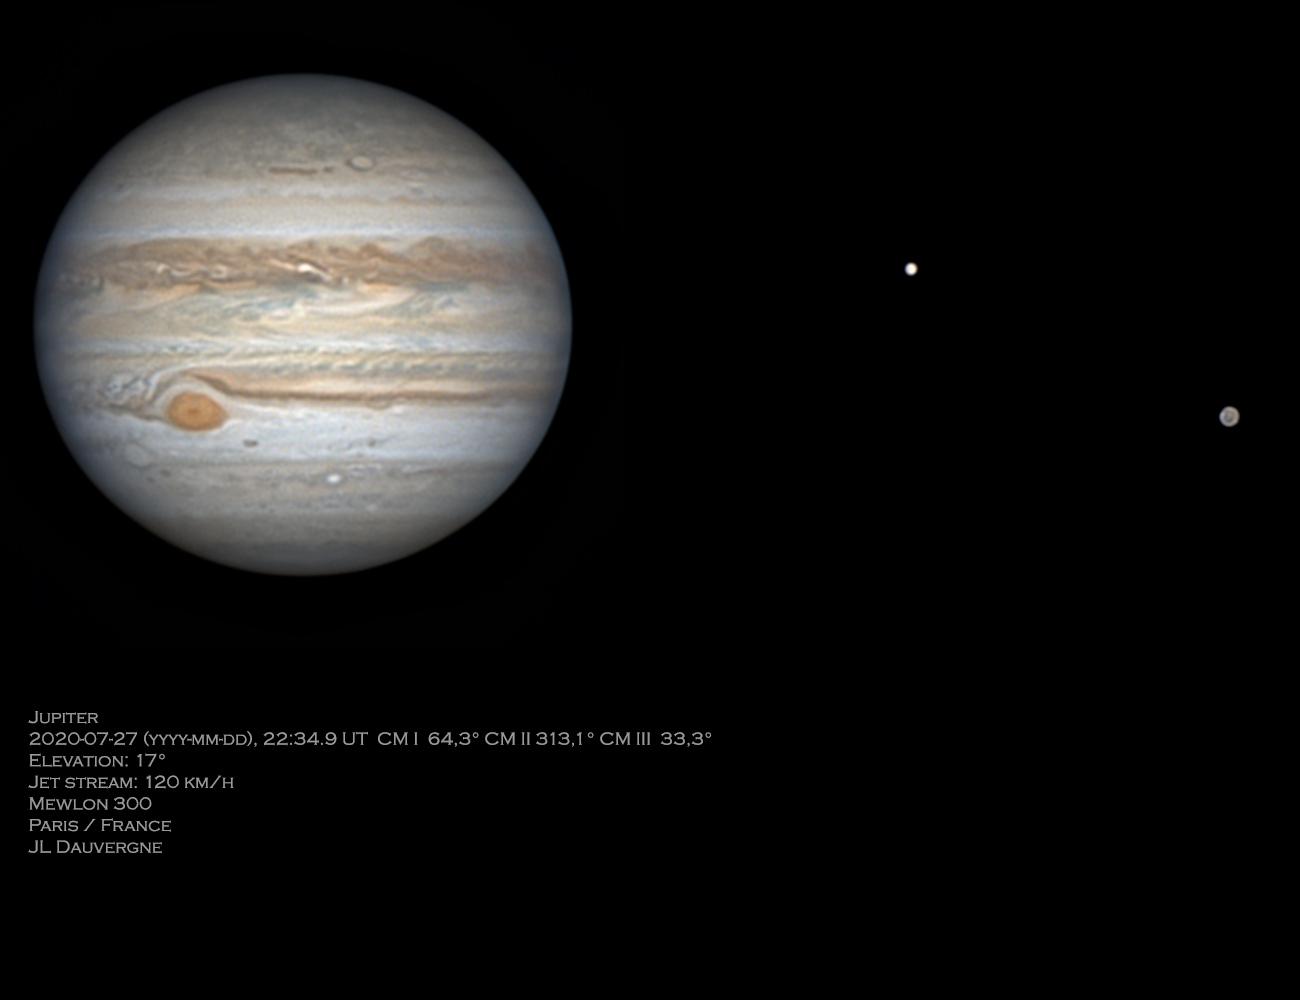 5f20918e0d2f8_2020-07-27-2234_9-L-Jupiter_ZWOASI290MMMini_lapl6_ap392.jpg.0752d96d62698bc9b908c7cce038df7b.jpg